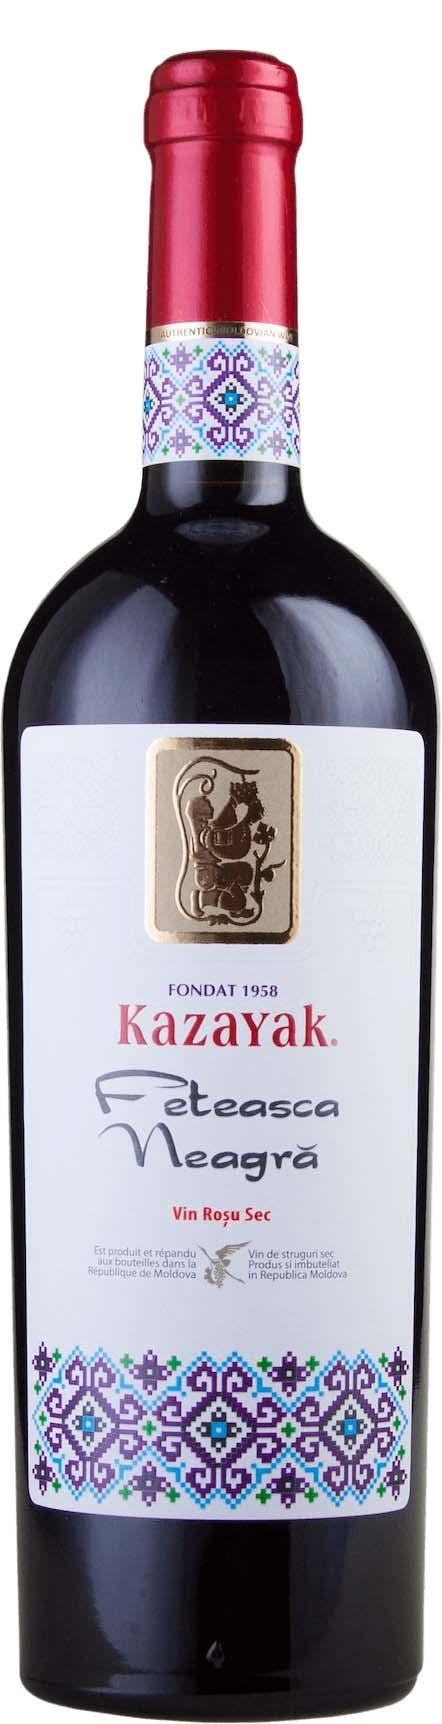 Kazayak Feteasca Neagara